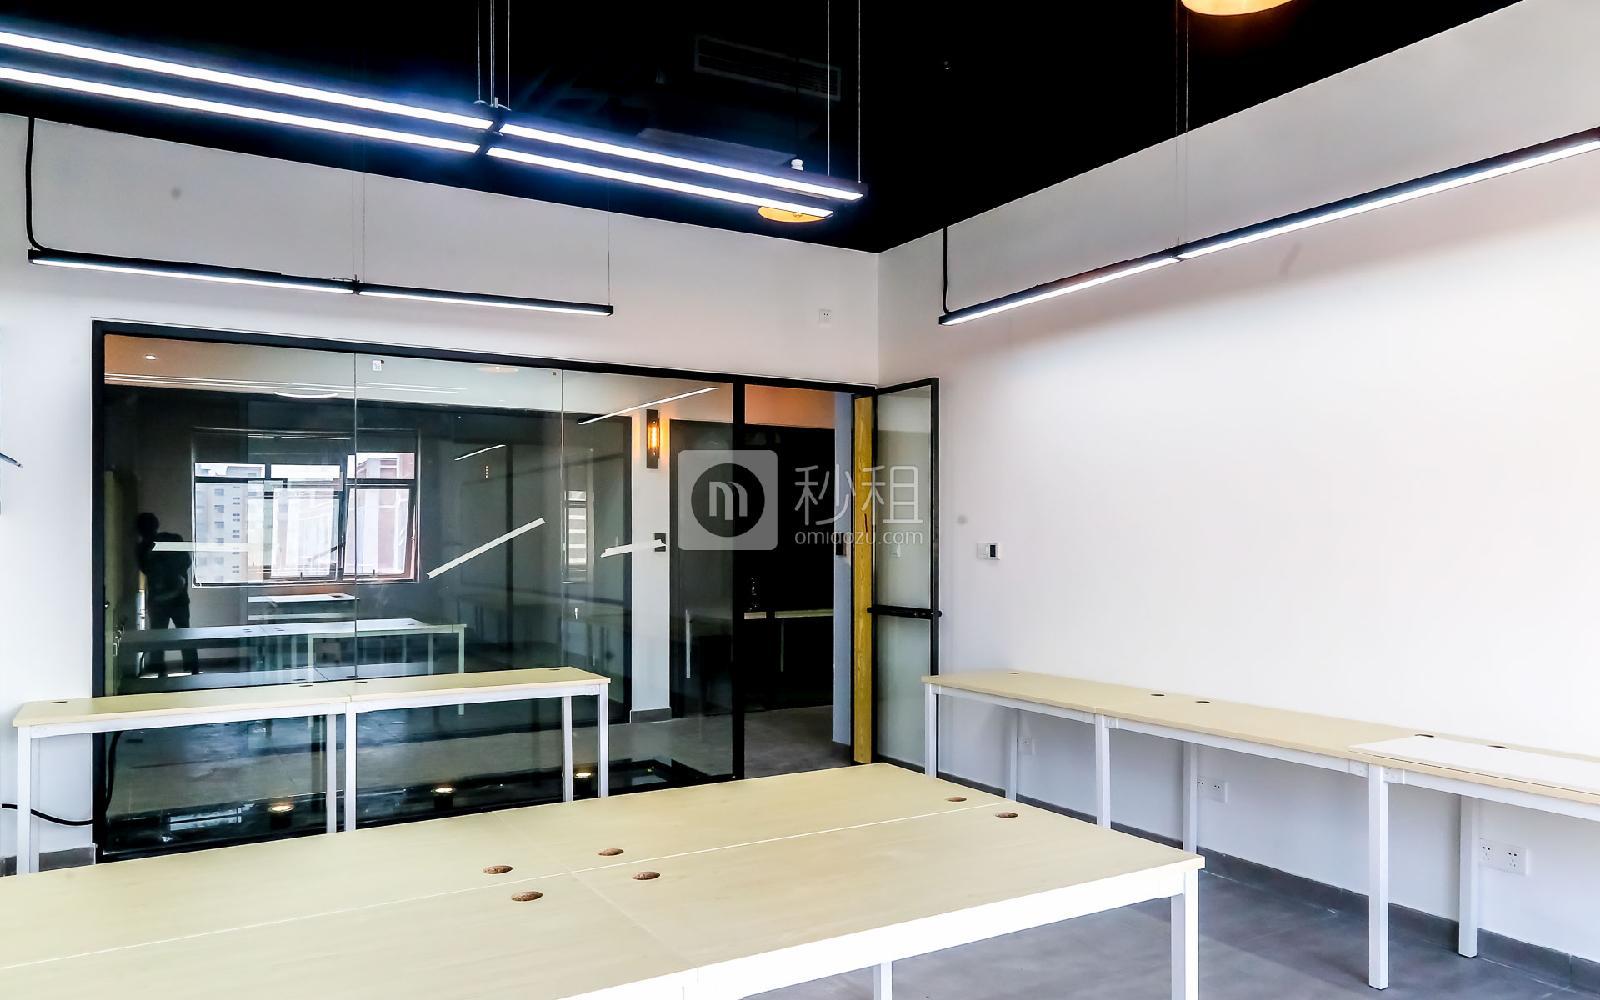 硅谷大院写字楼出租59平米精装办公室7380元/间.月